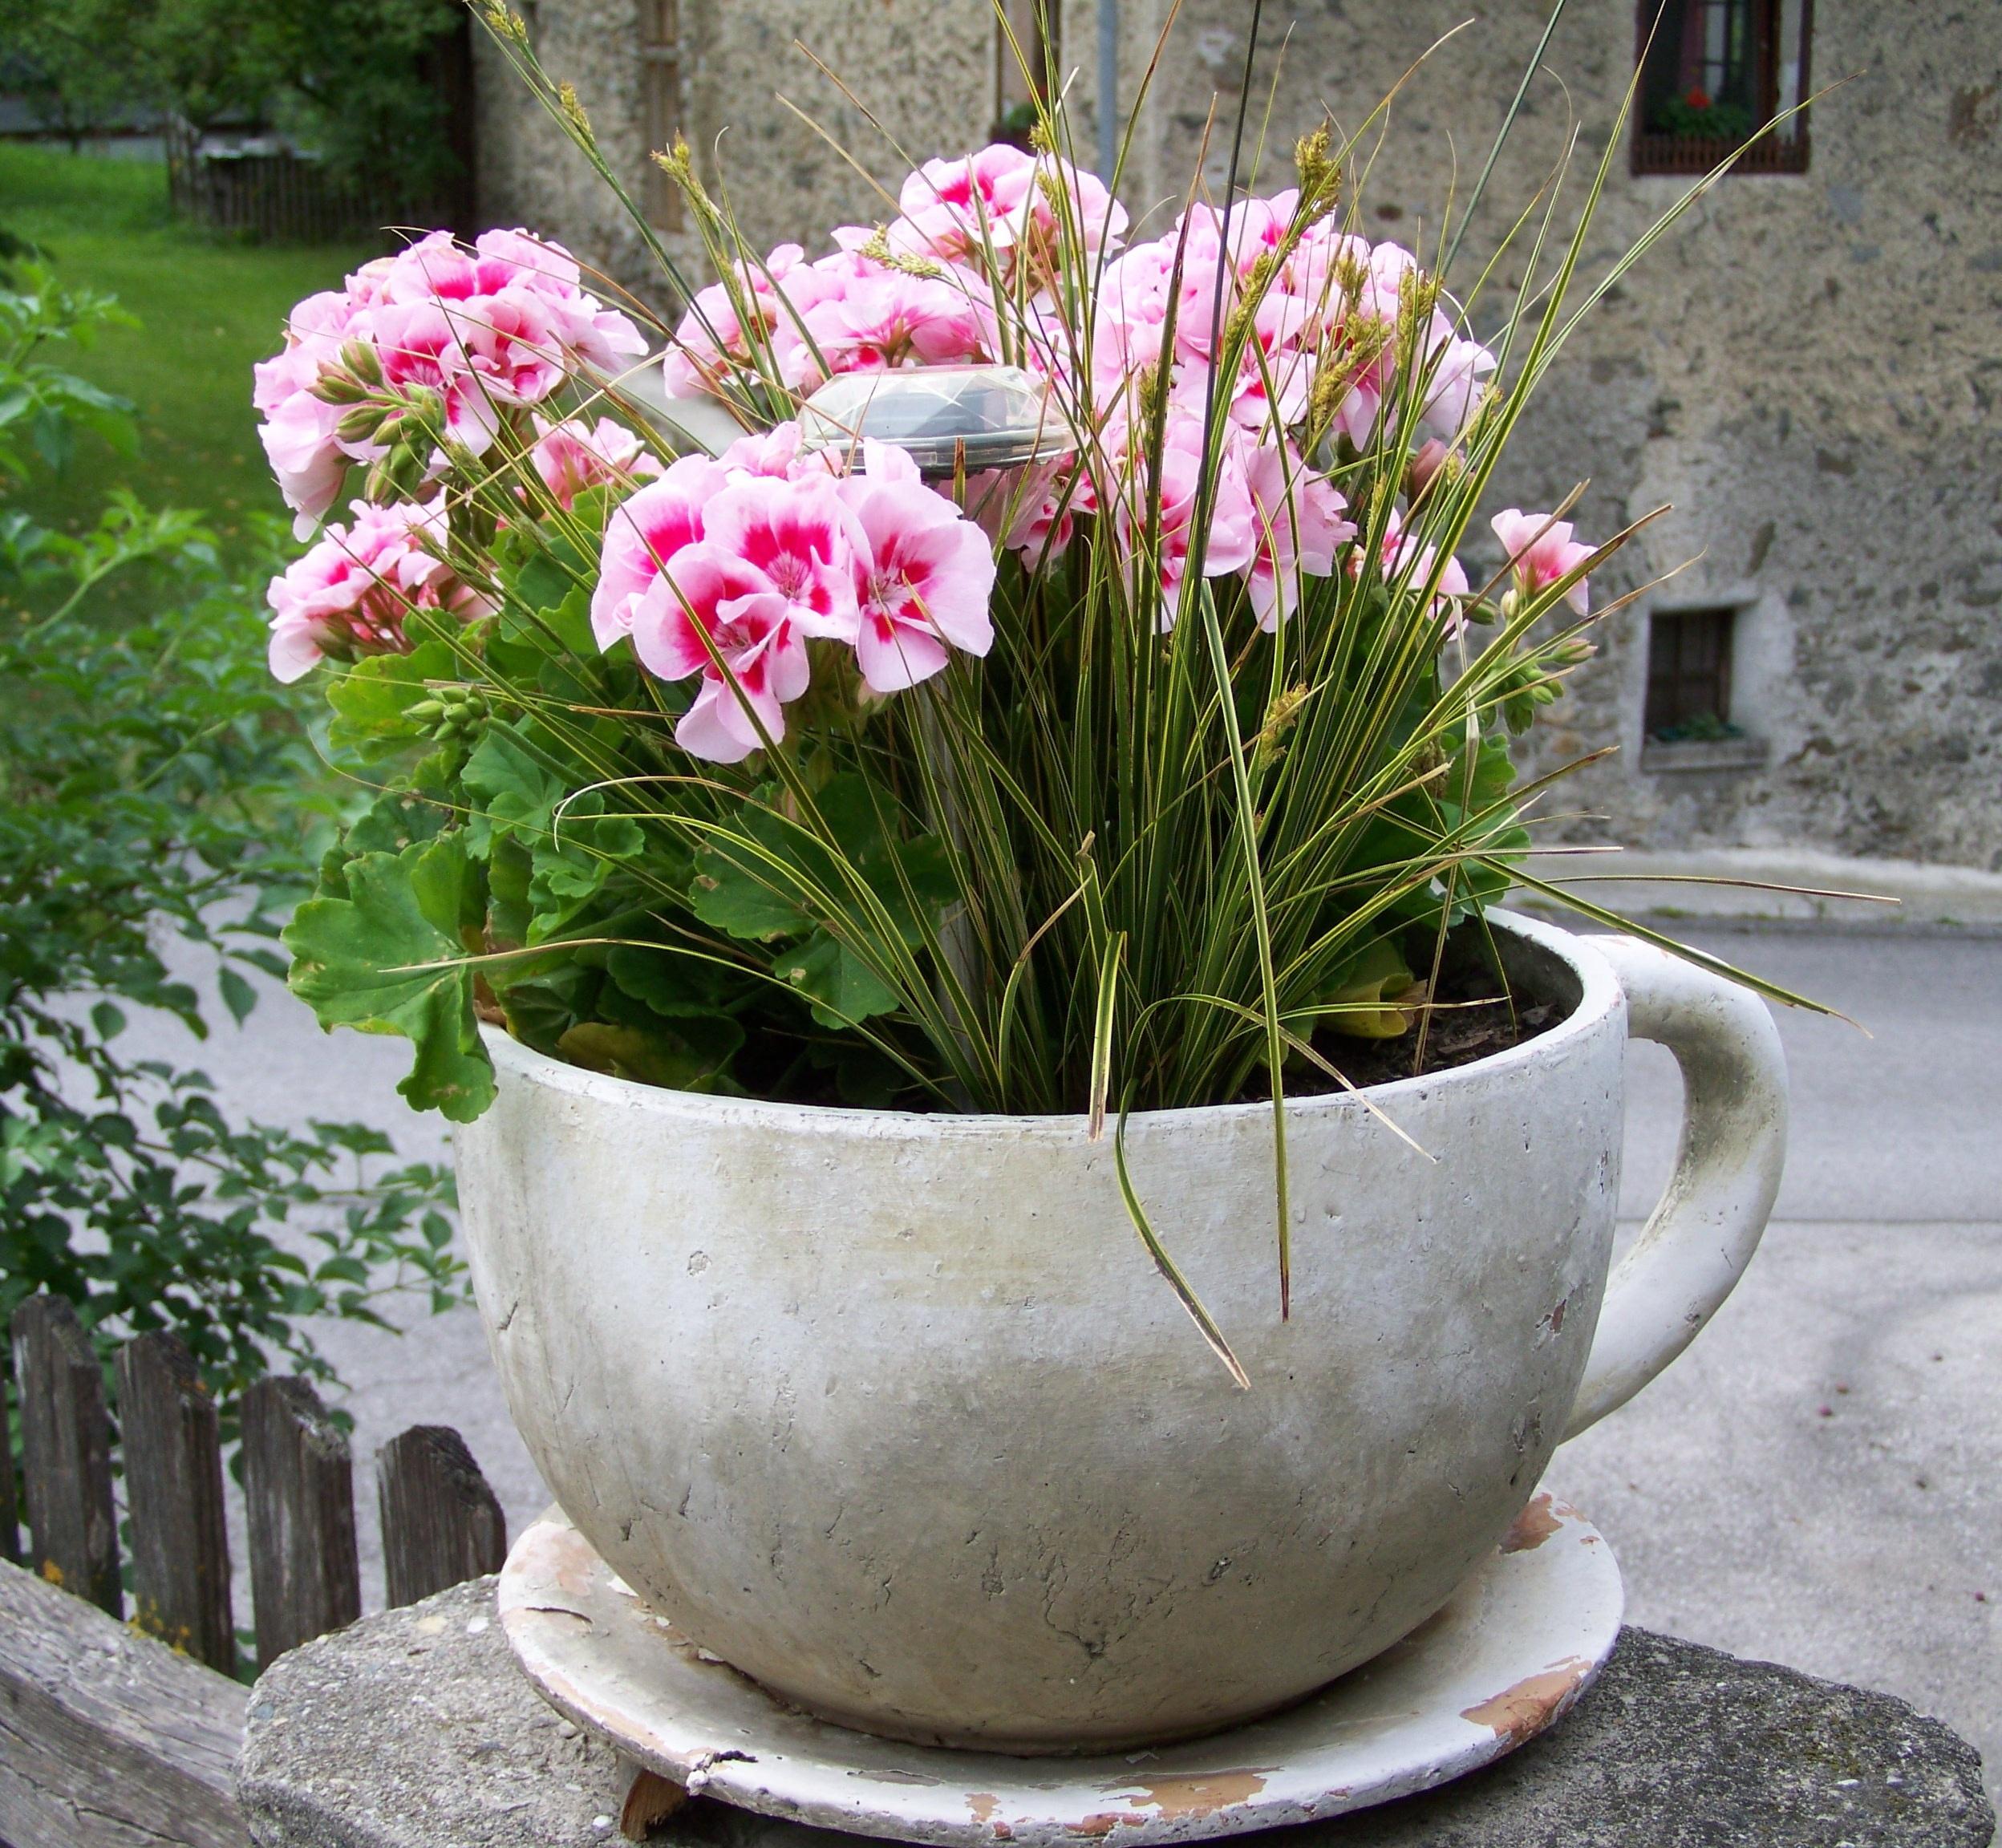 images gratuites botanique jardin flore arbuste pot de fleur cour fleuriste plante. Black Bedroom Furniture Sets. Home Design Ideas